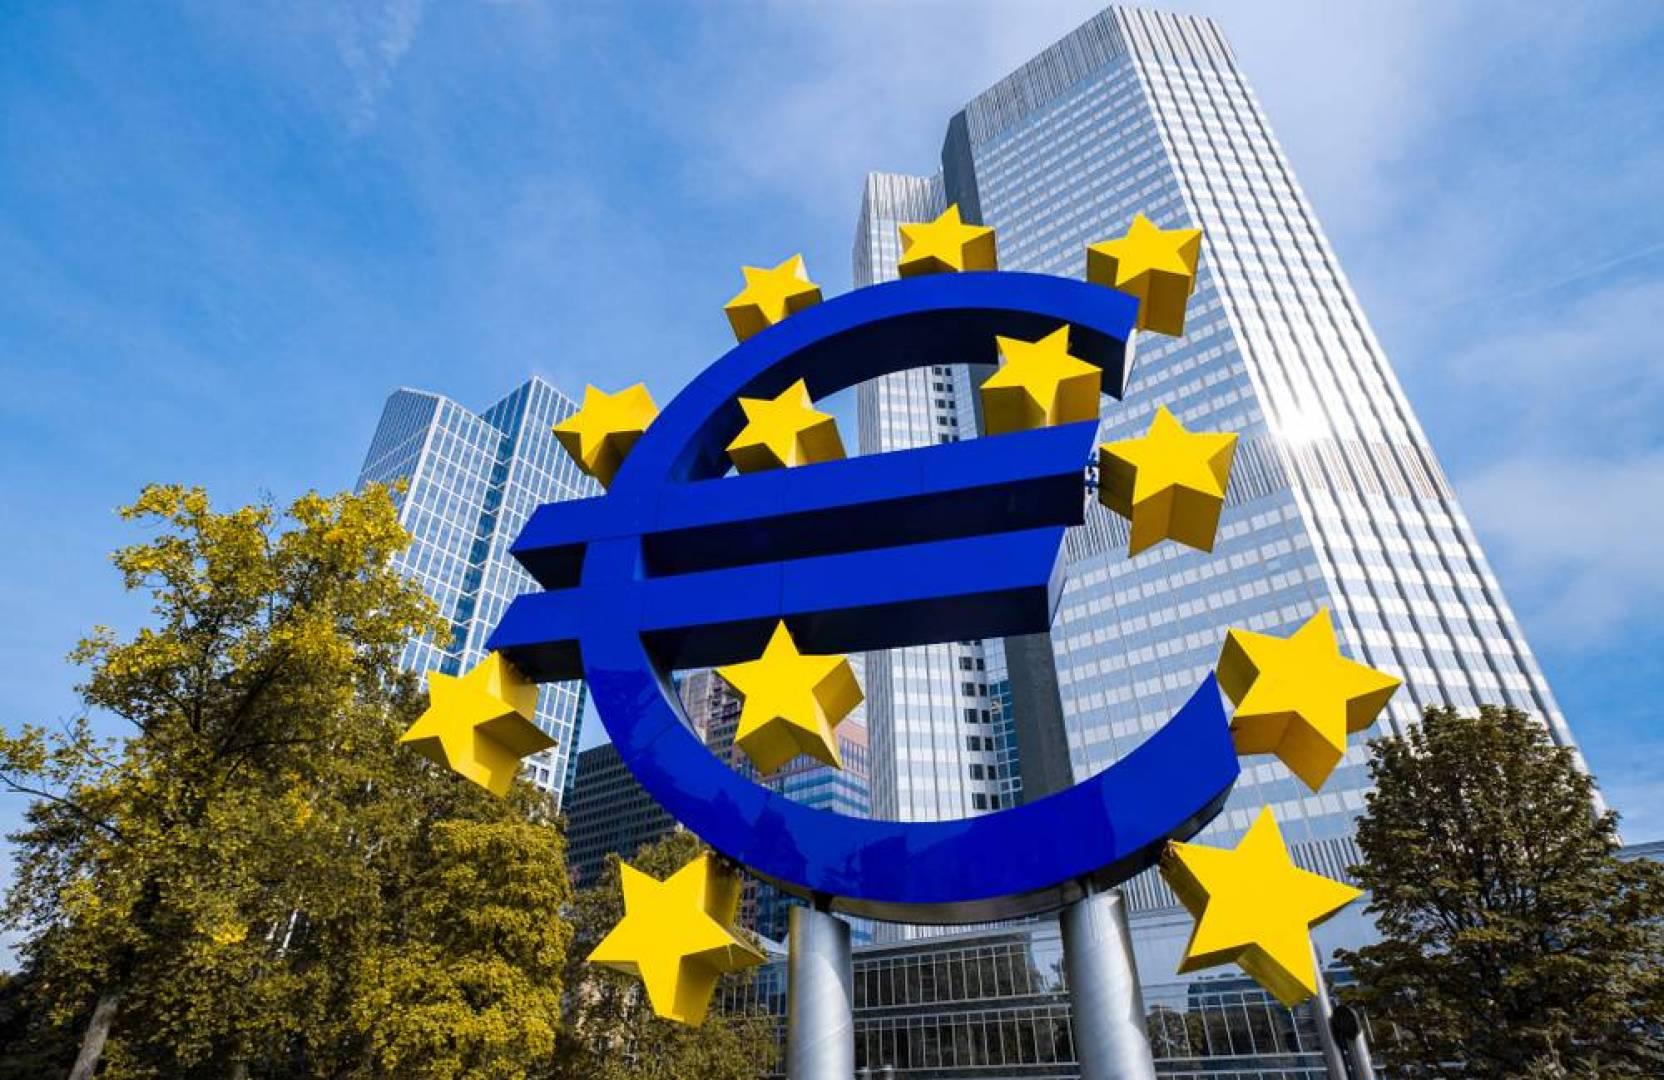 ما هي مخاوف «المركزي» الأوروبي التي تدفعه للبحث عن ابتكار عملة رقمية؟